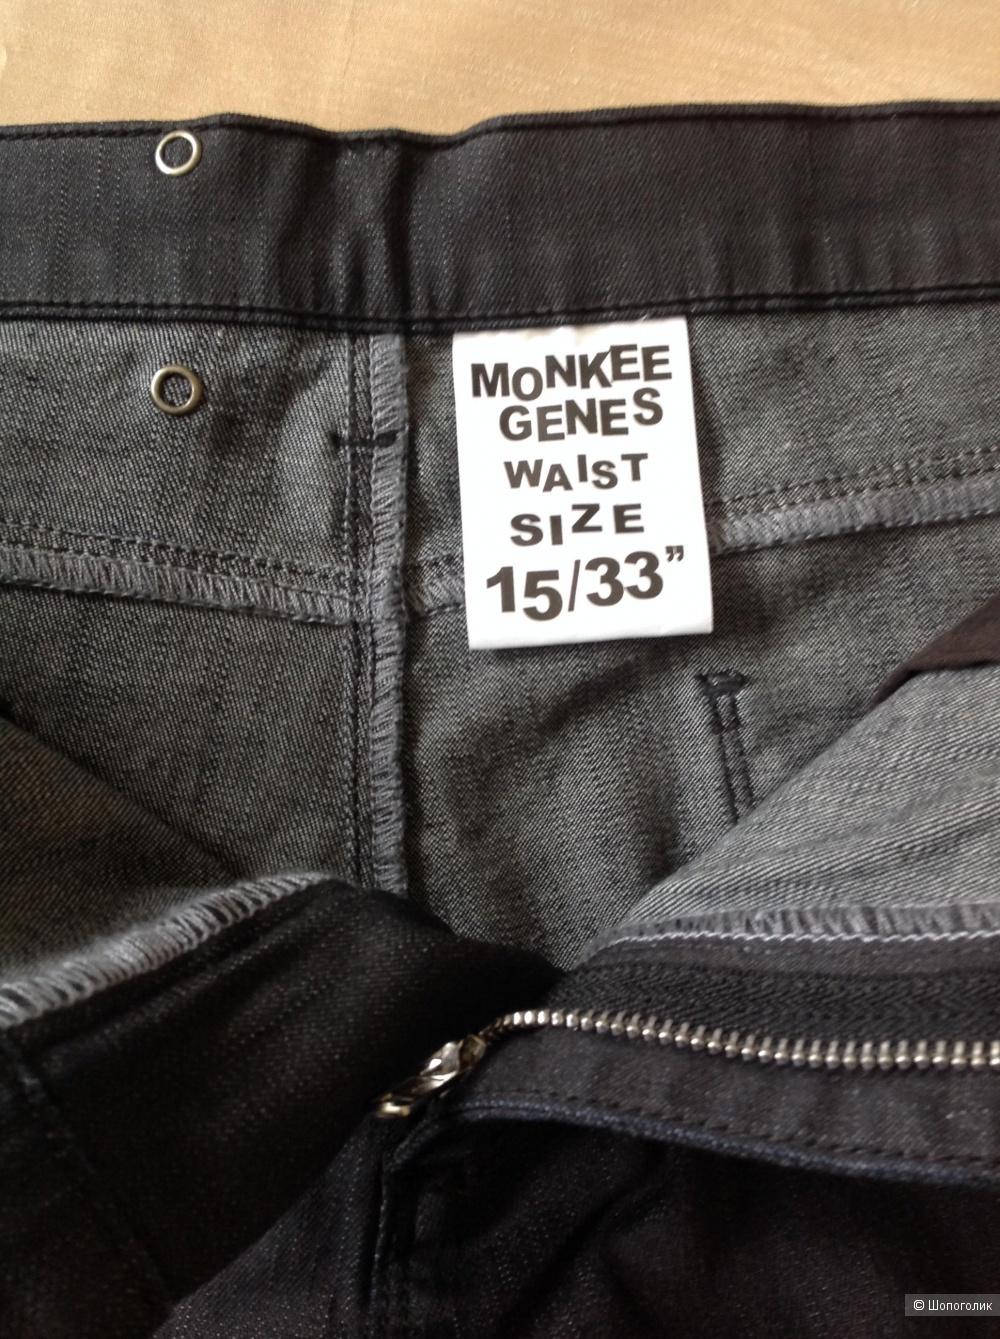 Джинсы Monkee Jenes, размер 15/33, на  48-50